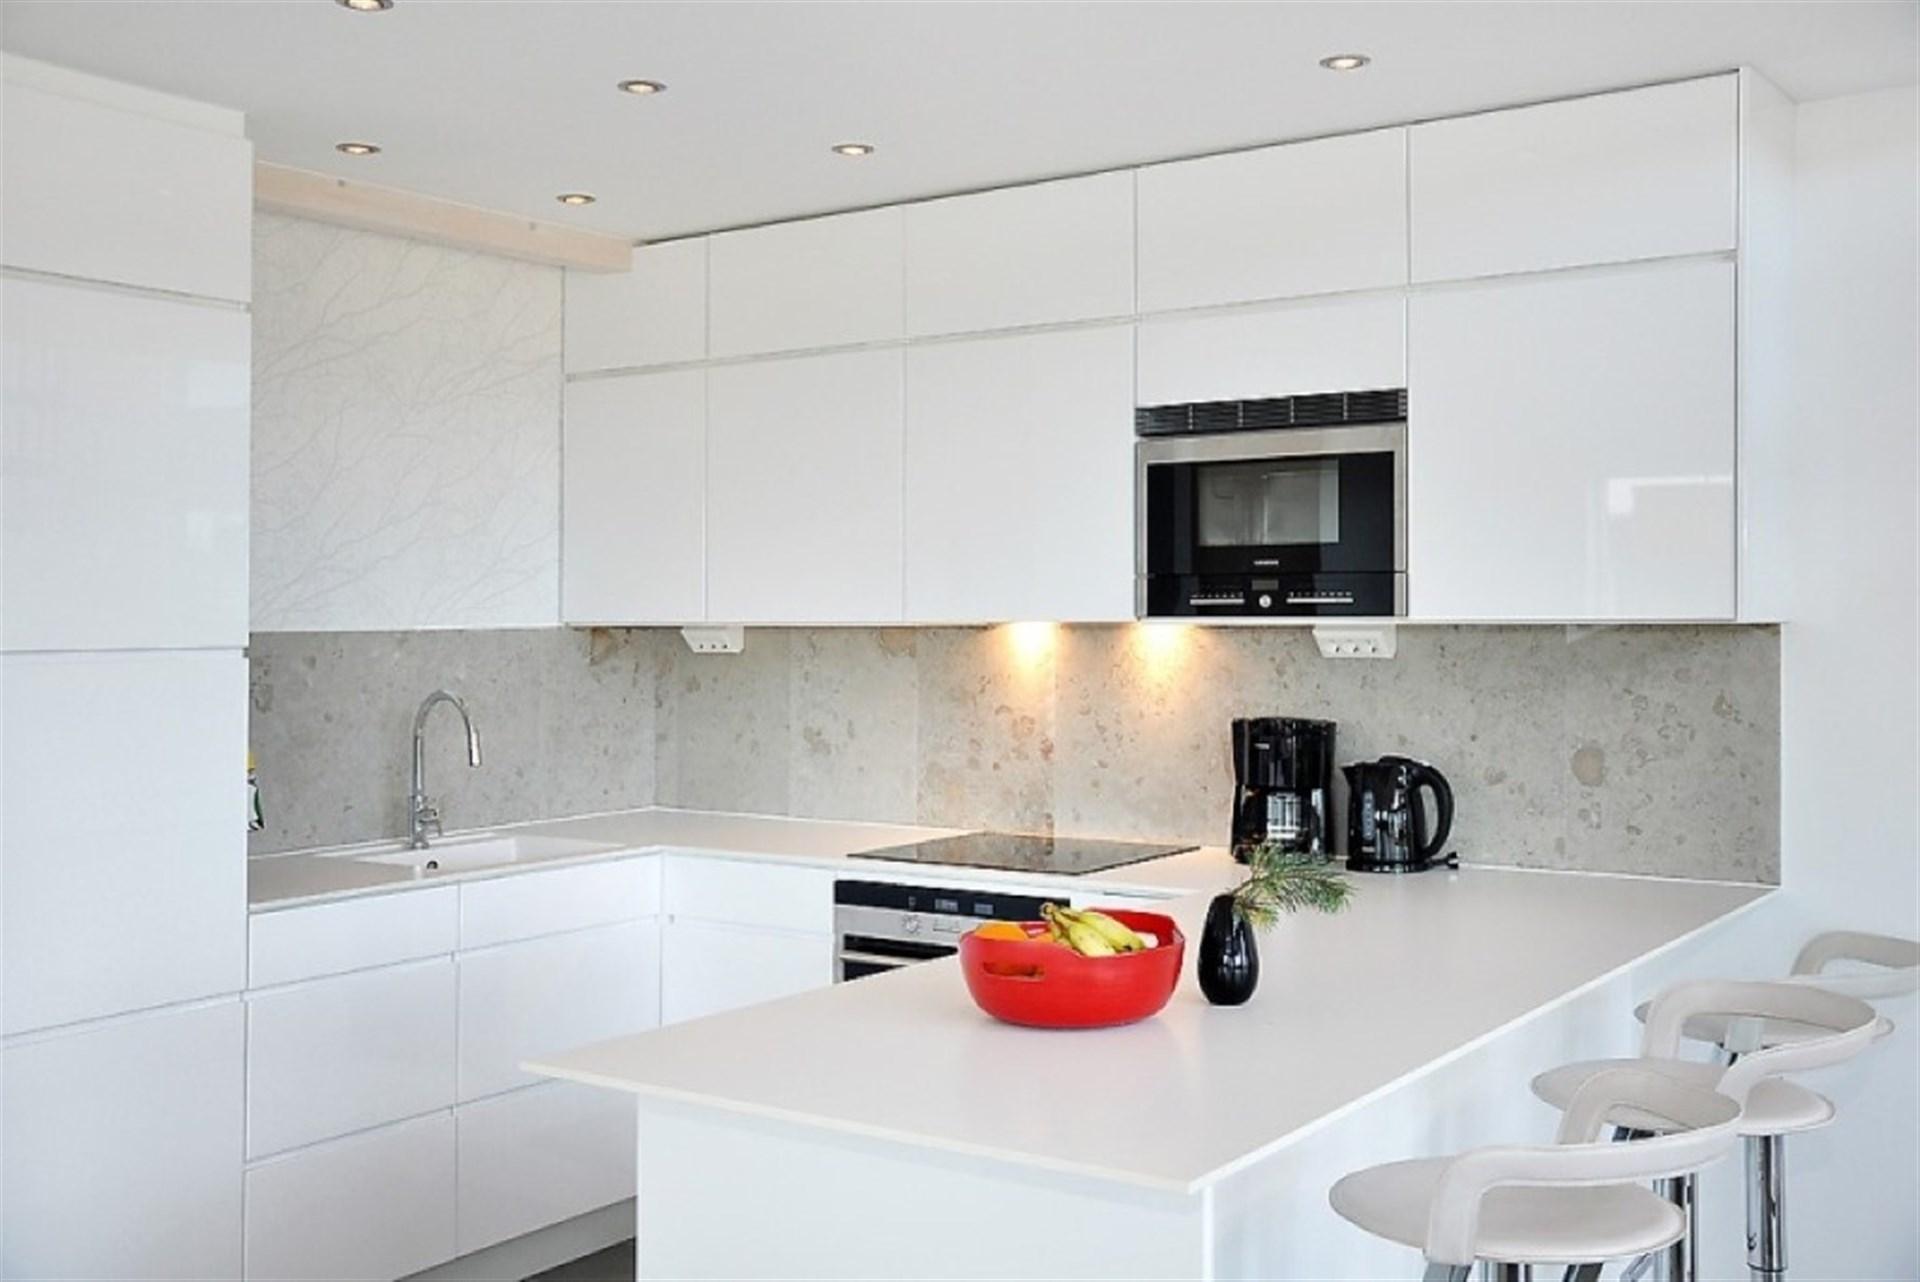 Kök i smakfull interiör med stänkskydd i kalksten